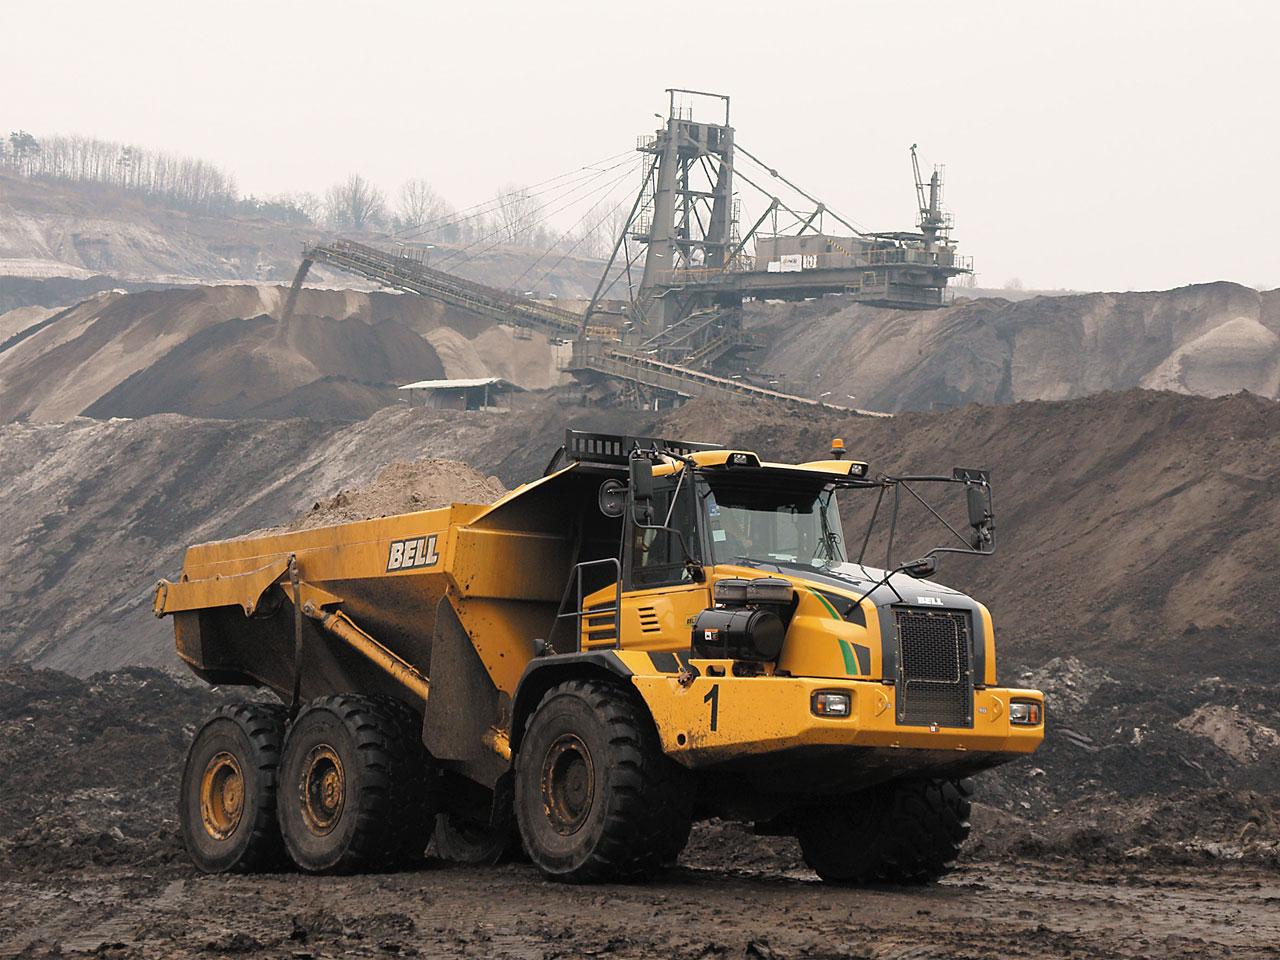 Rahmenbetriebsplan fr die Fortfhrung des Tagebaus